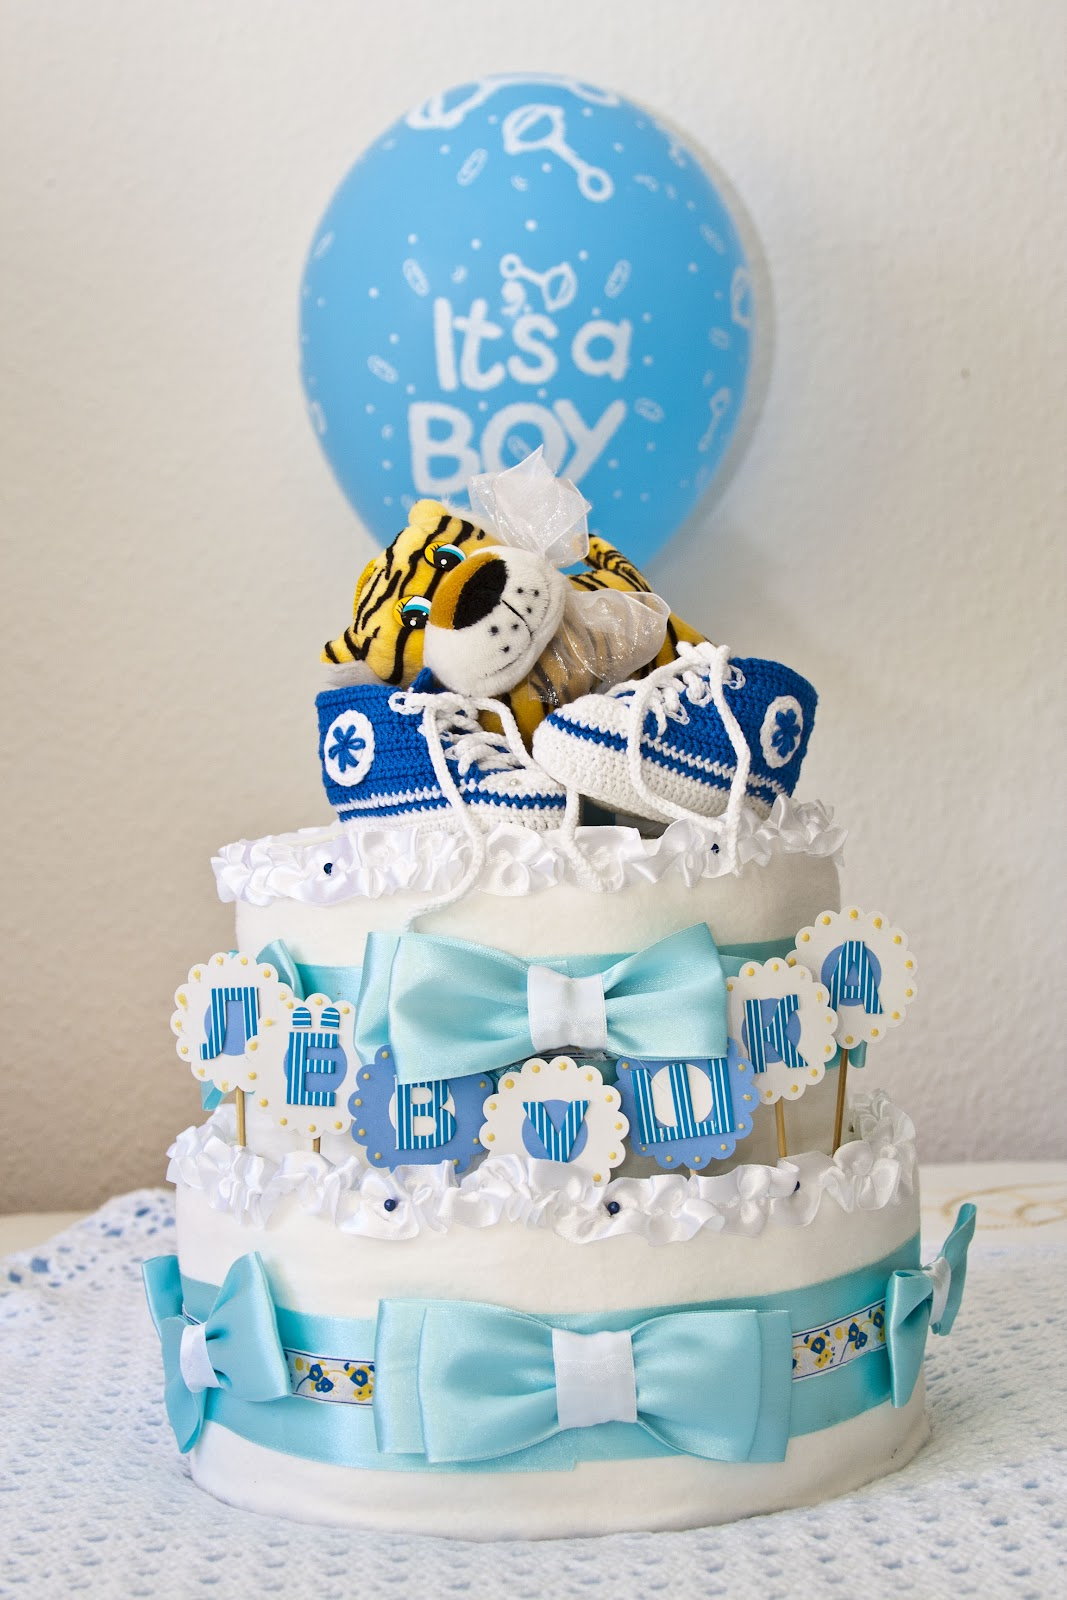 Красивые торты из памперсов своими руками - Lfprint.ru